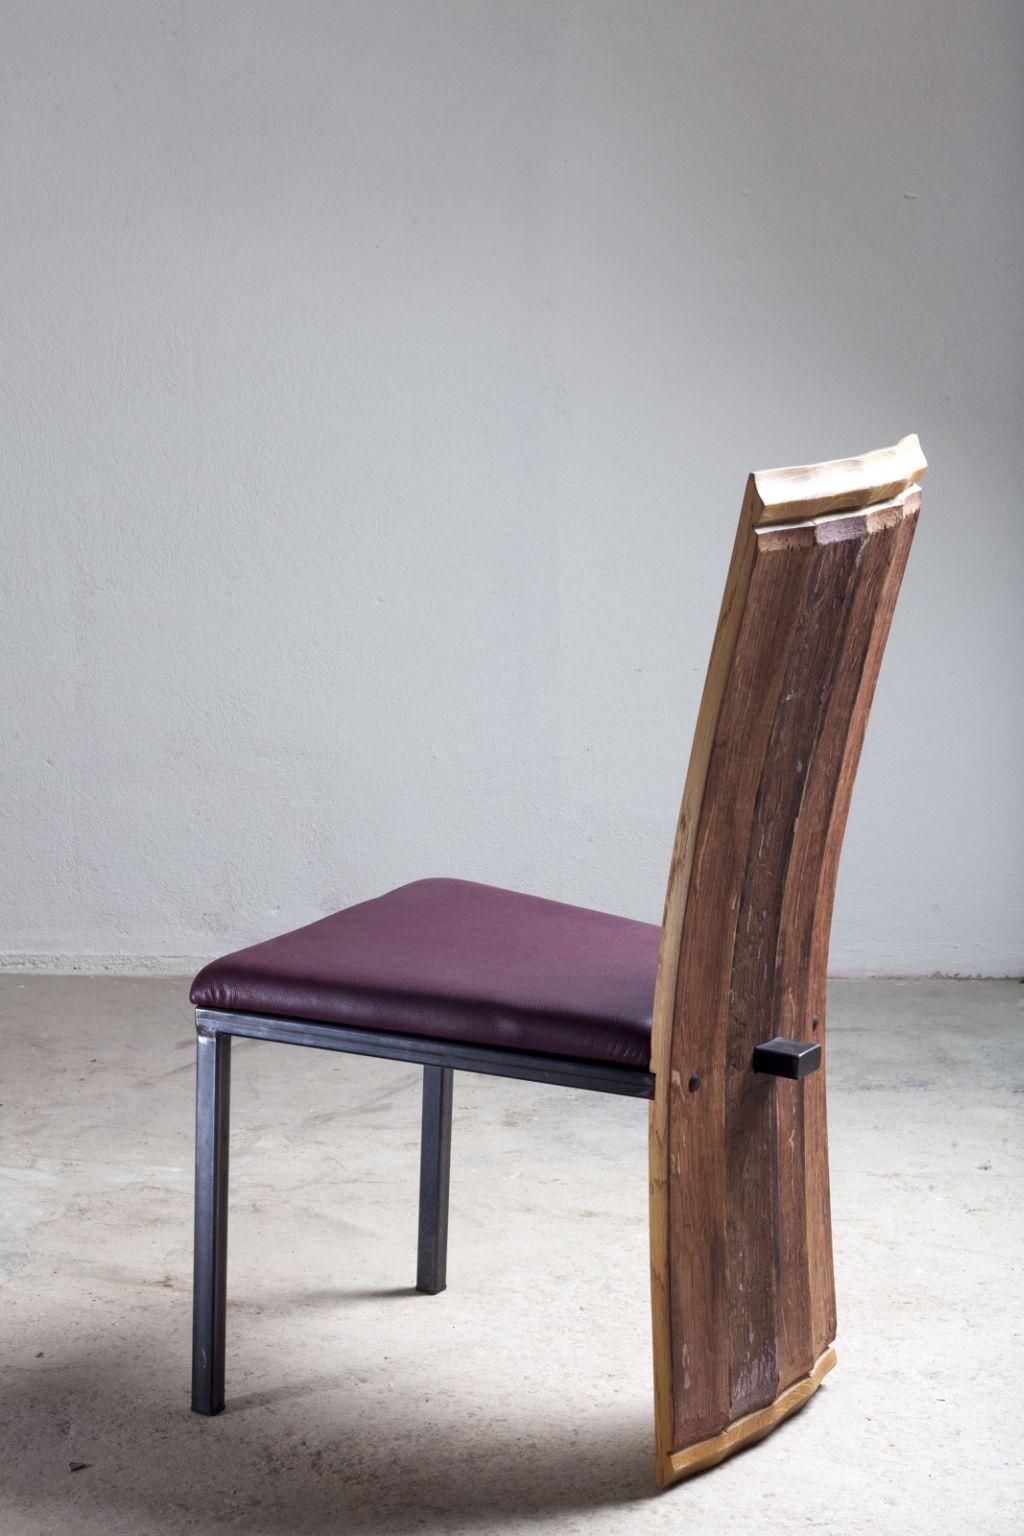 stuhl mit hoher lehne mit lehne fotos das wirklich elegantes spannende mit lehne stuhl mit. Black Bedroom Furniture Sets. Home Design Ideas